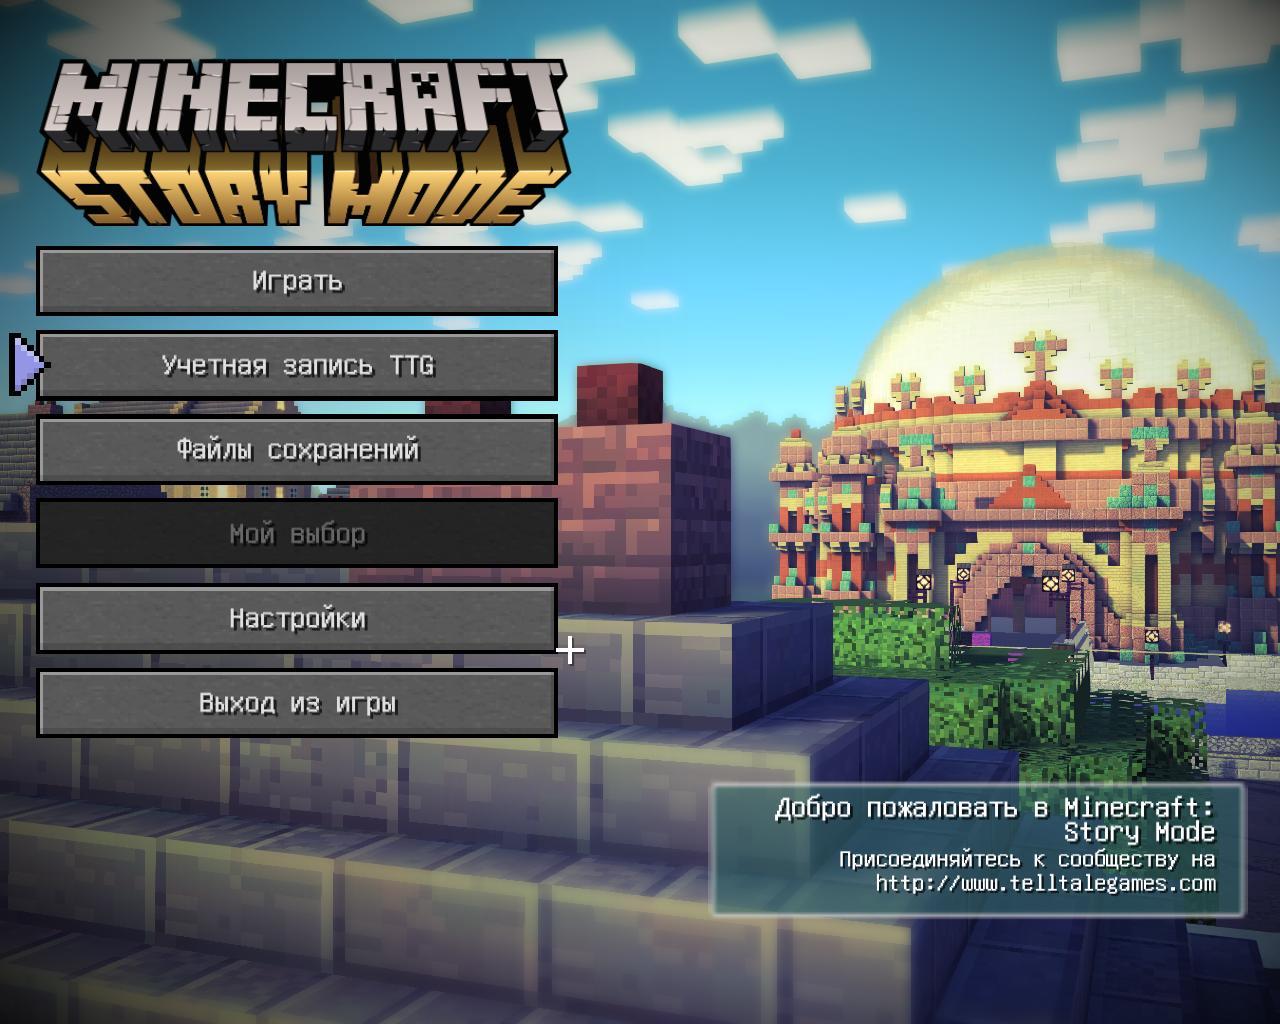 Скачать игру майнкрафт пиратка на компьютер